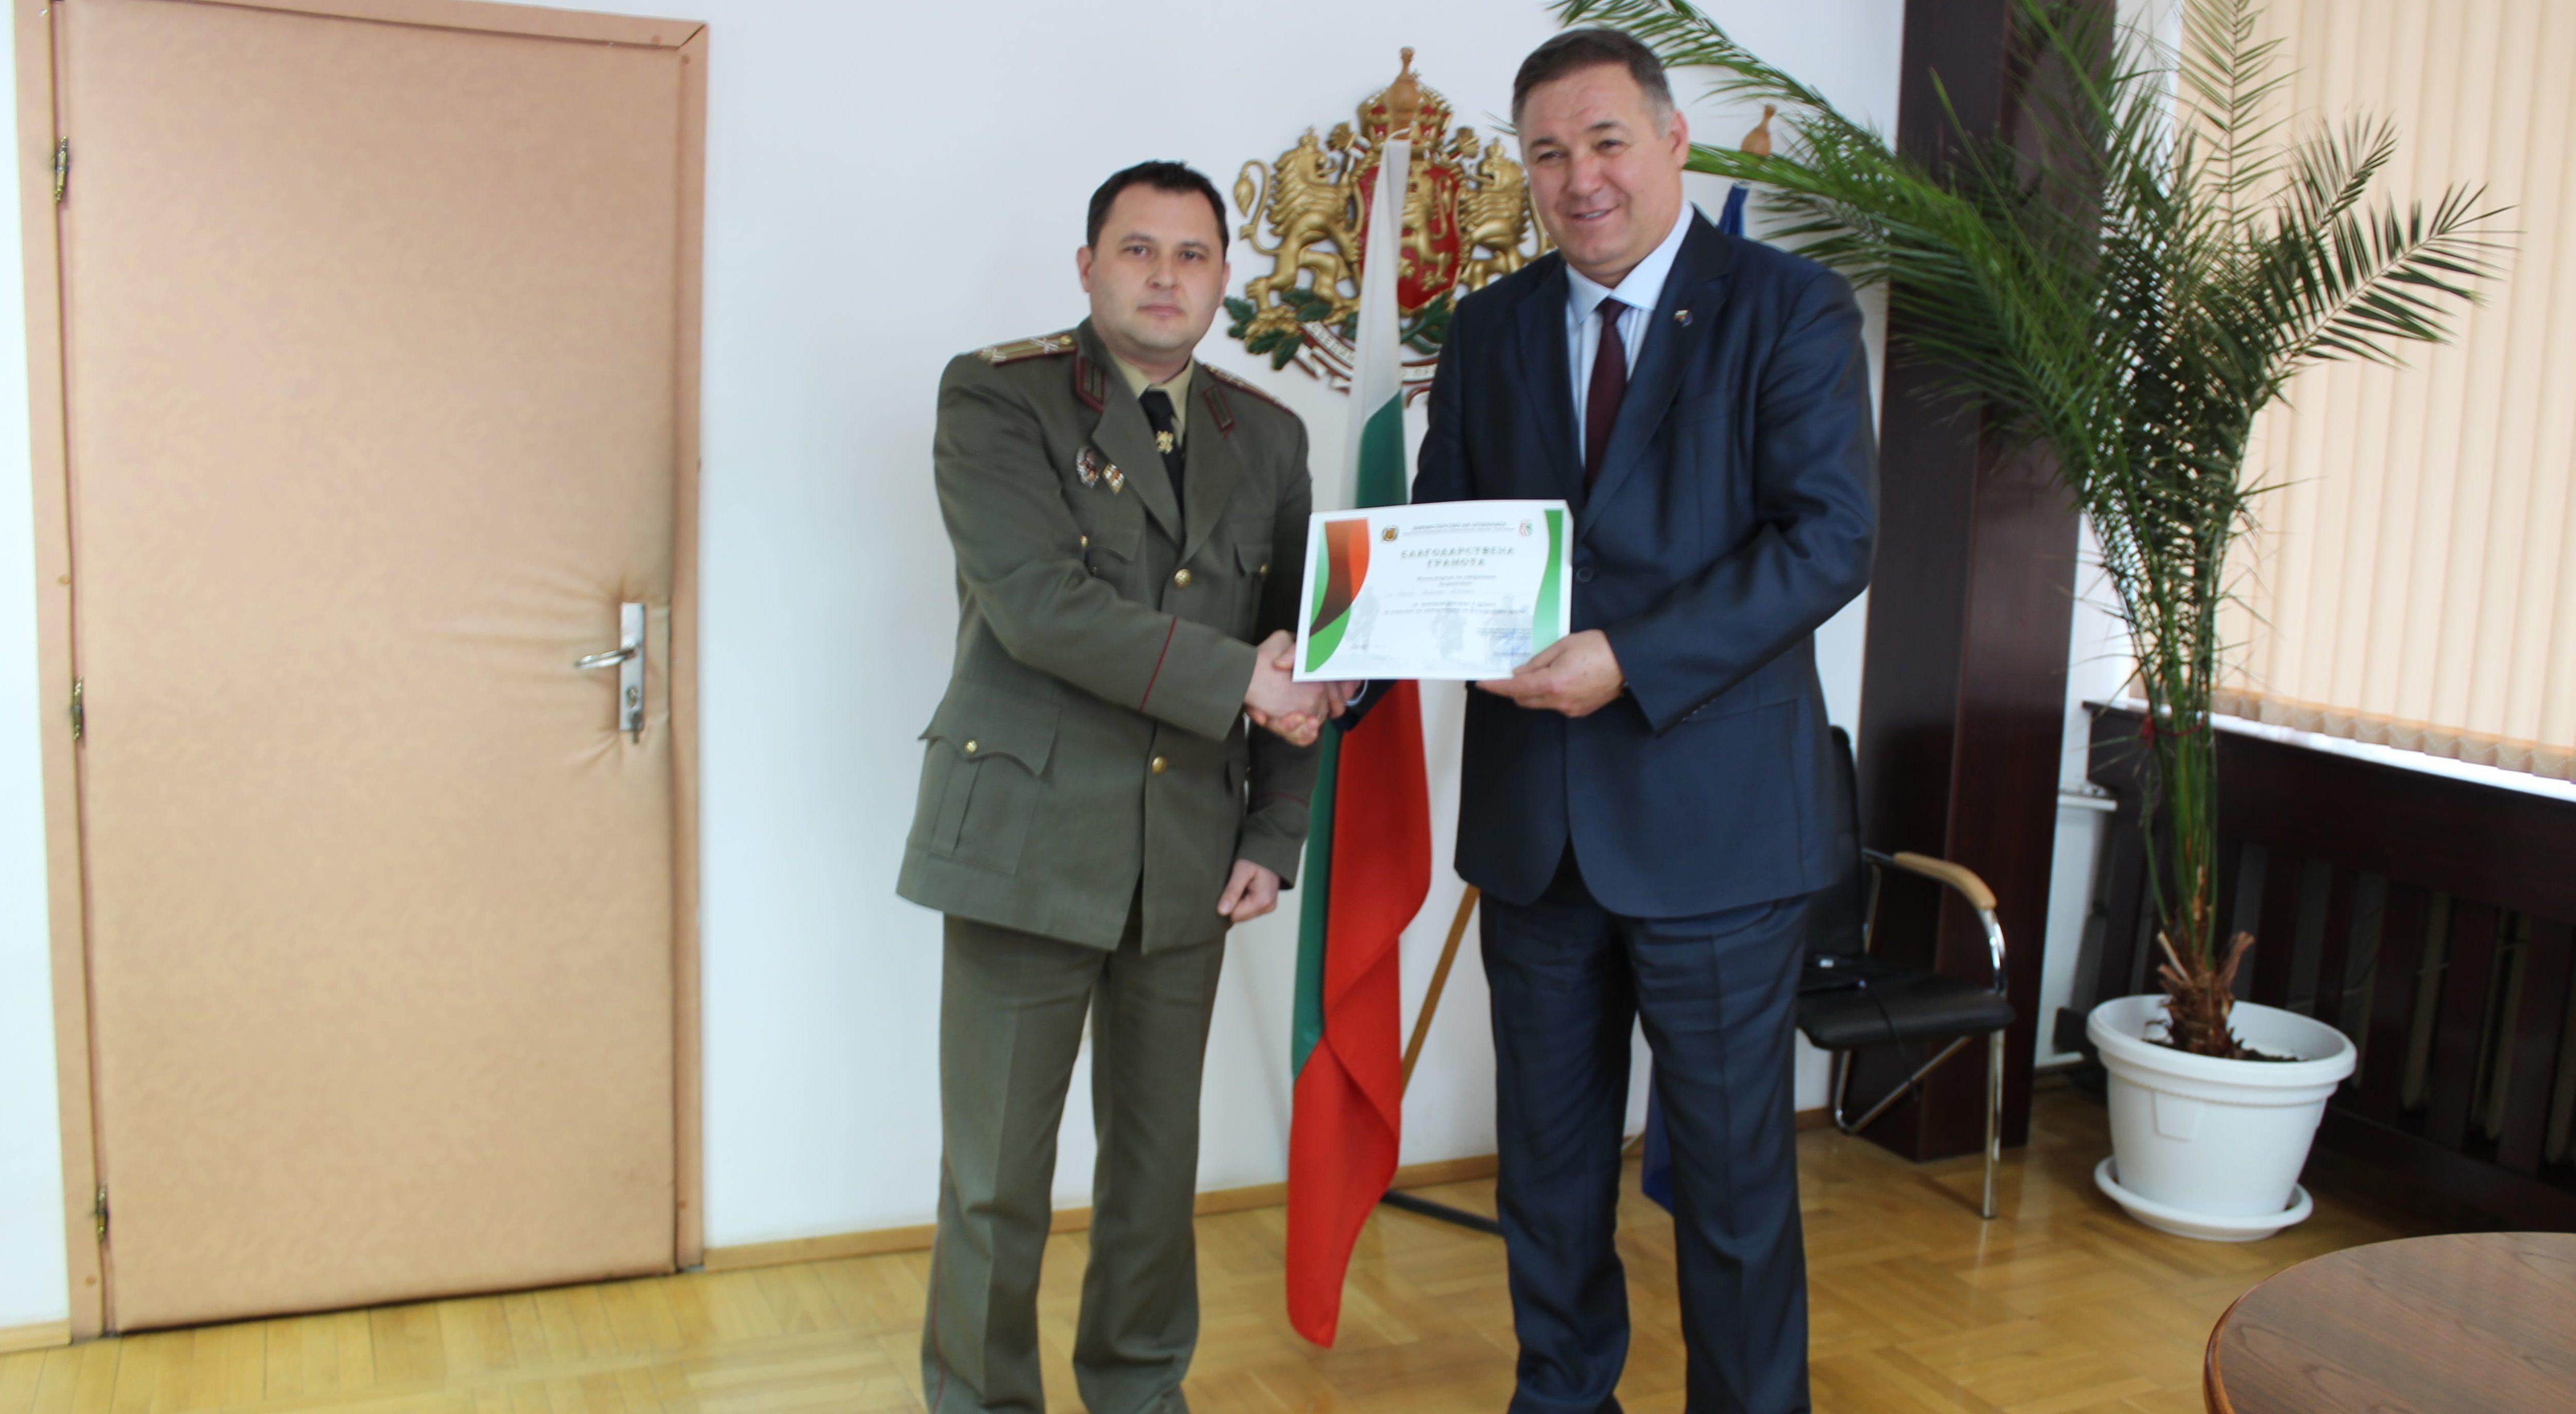 Благодарствена грамота от министър Каракачанов получ� ...